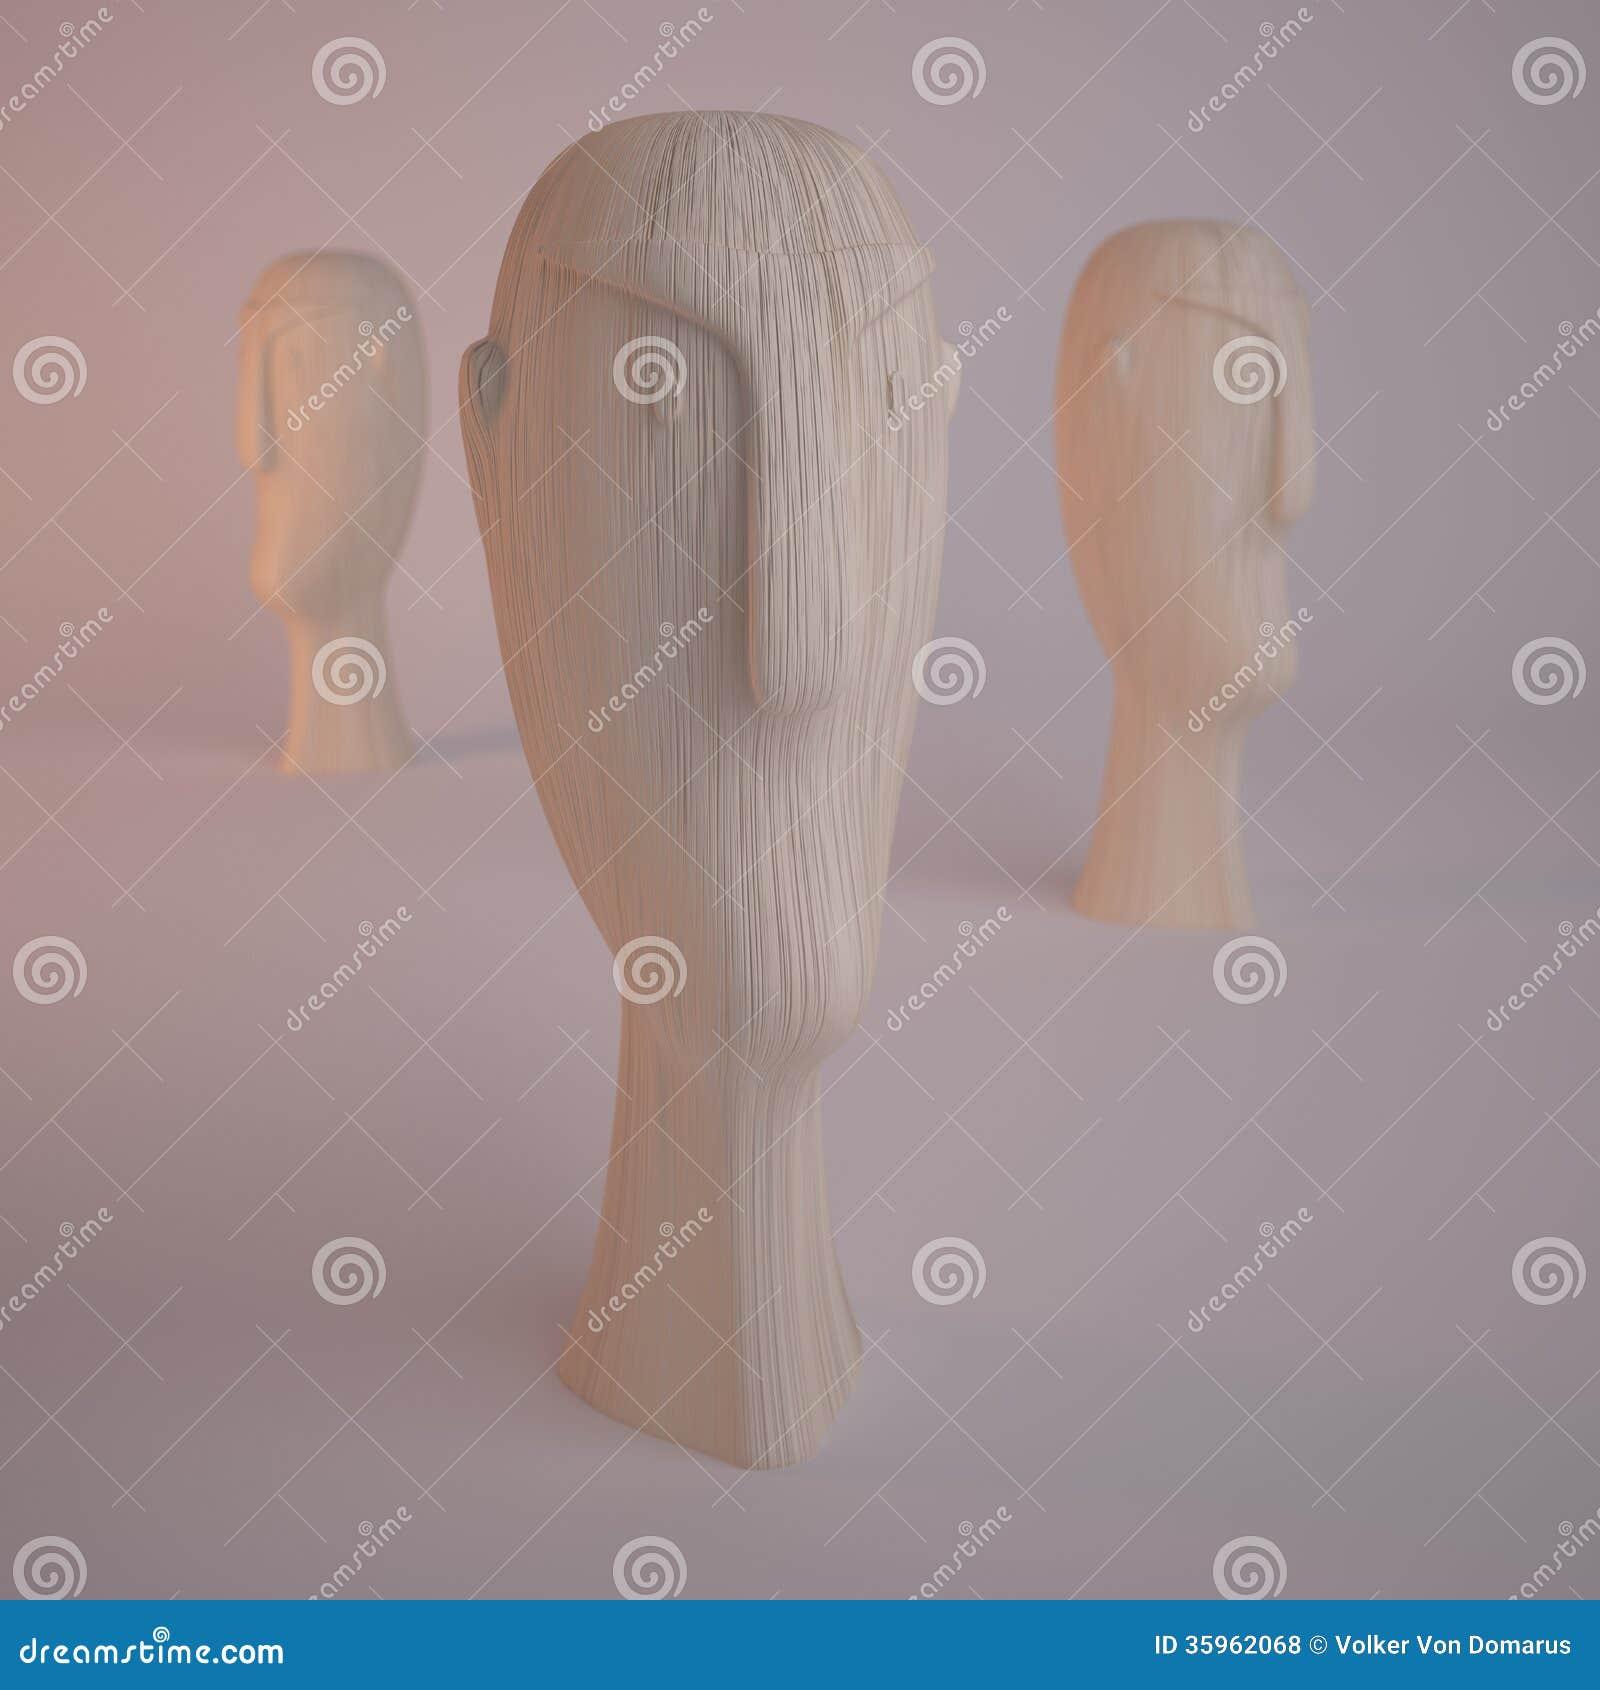 Estatura de madera